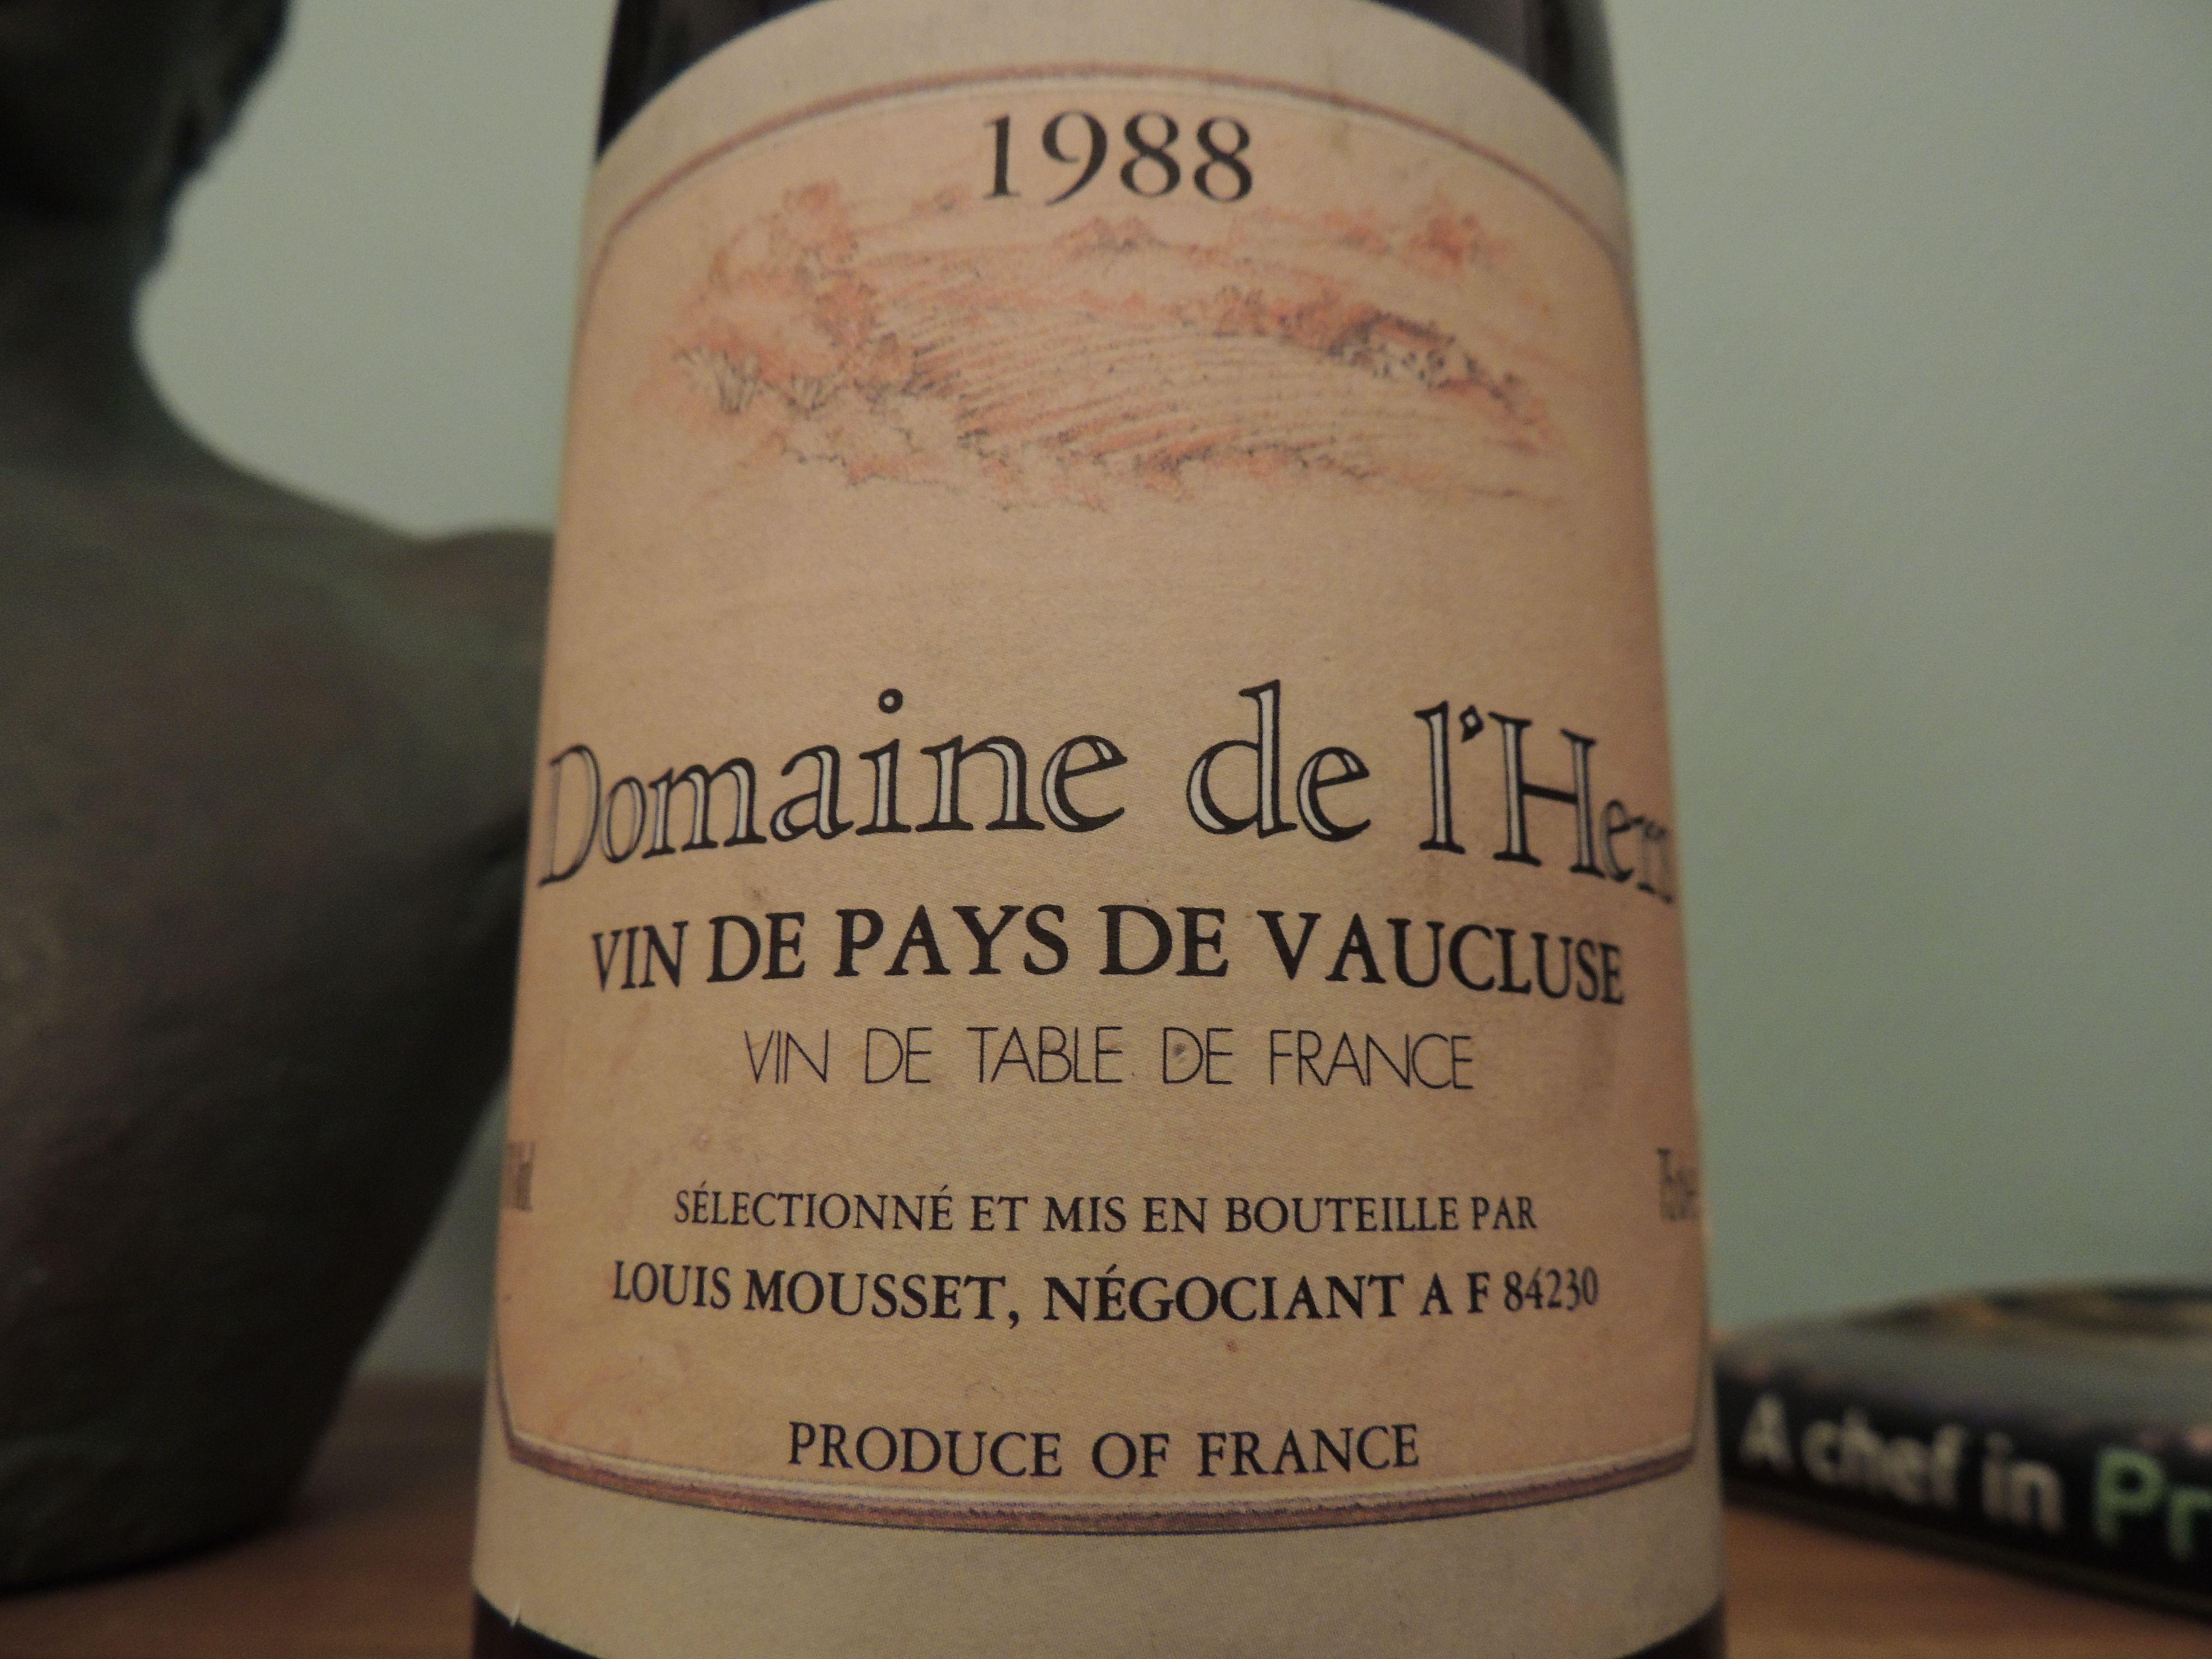 Domaine de l'Hers 1988 Vin de Pays de Vaucluse